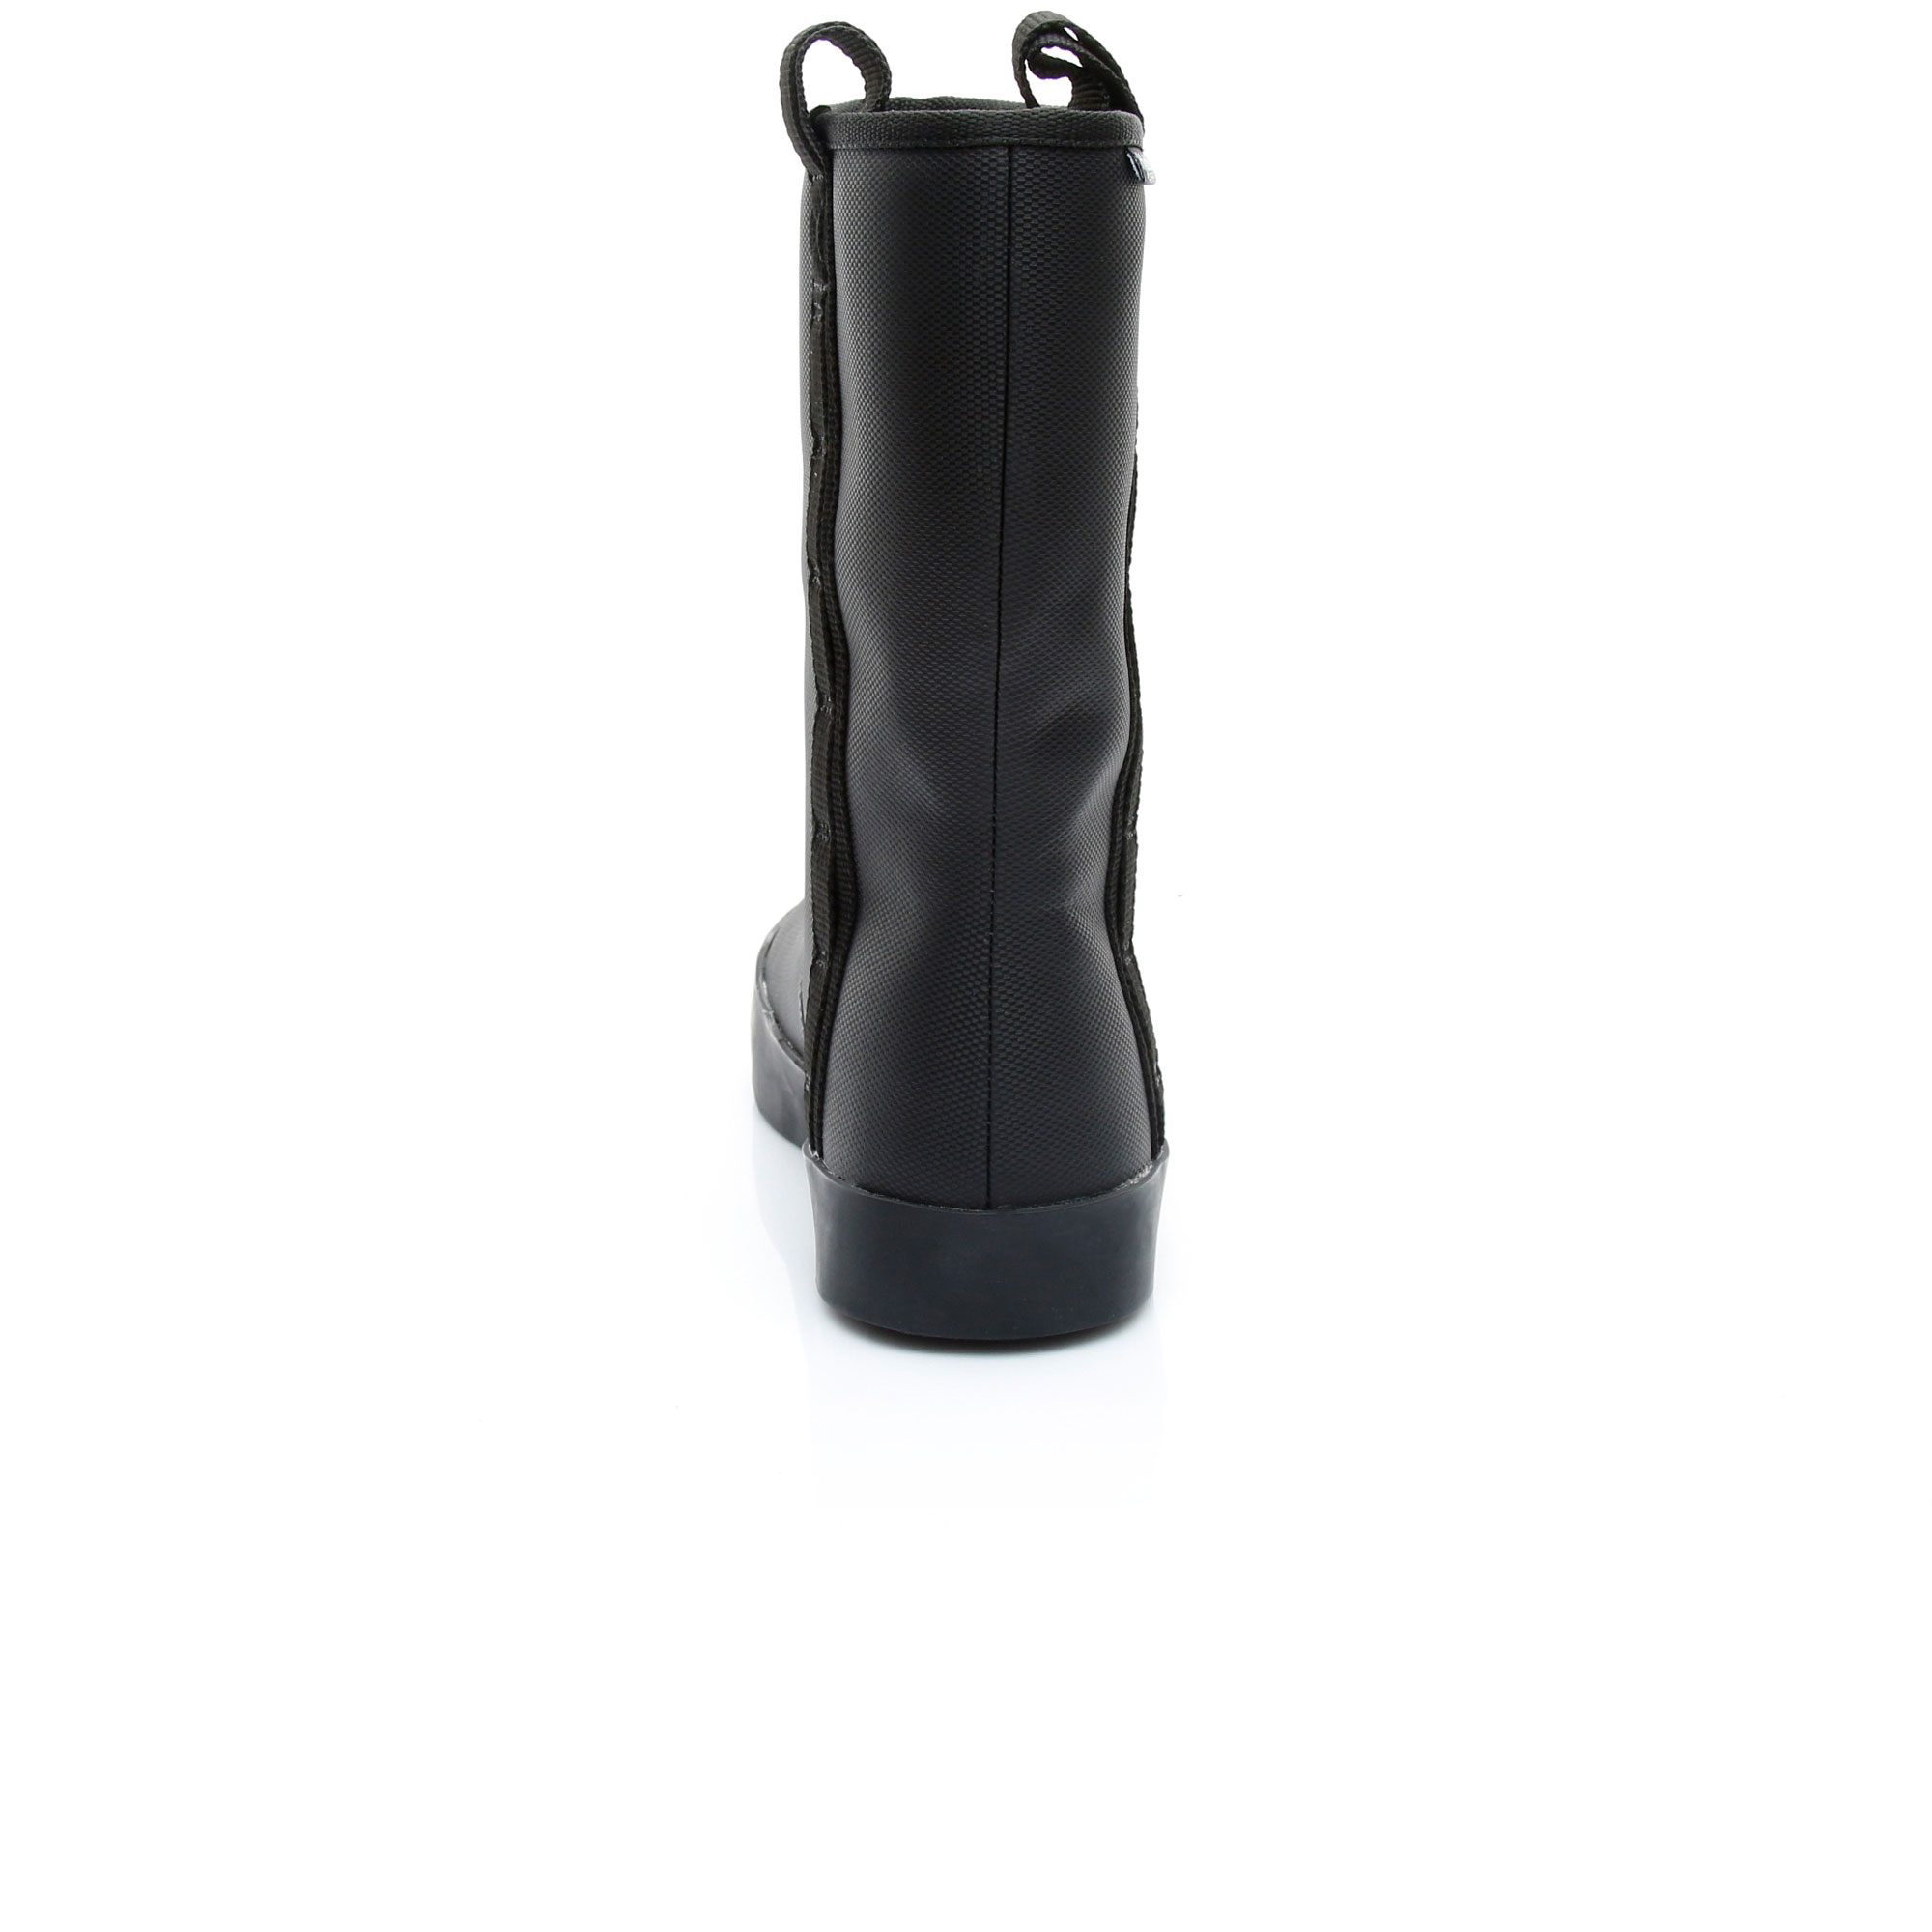 The North Face BASE CAMP Kadın Siyah Yağmur Botu